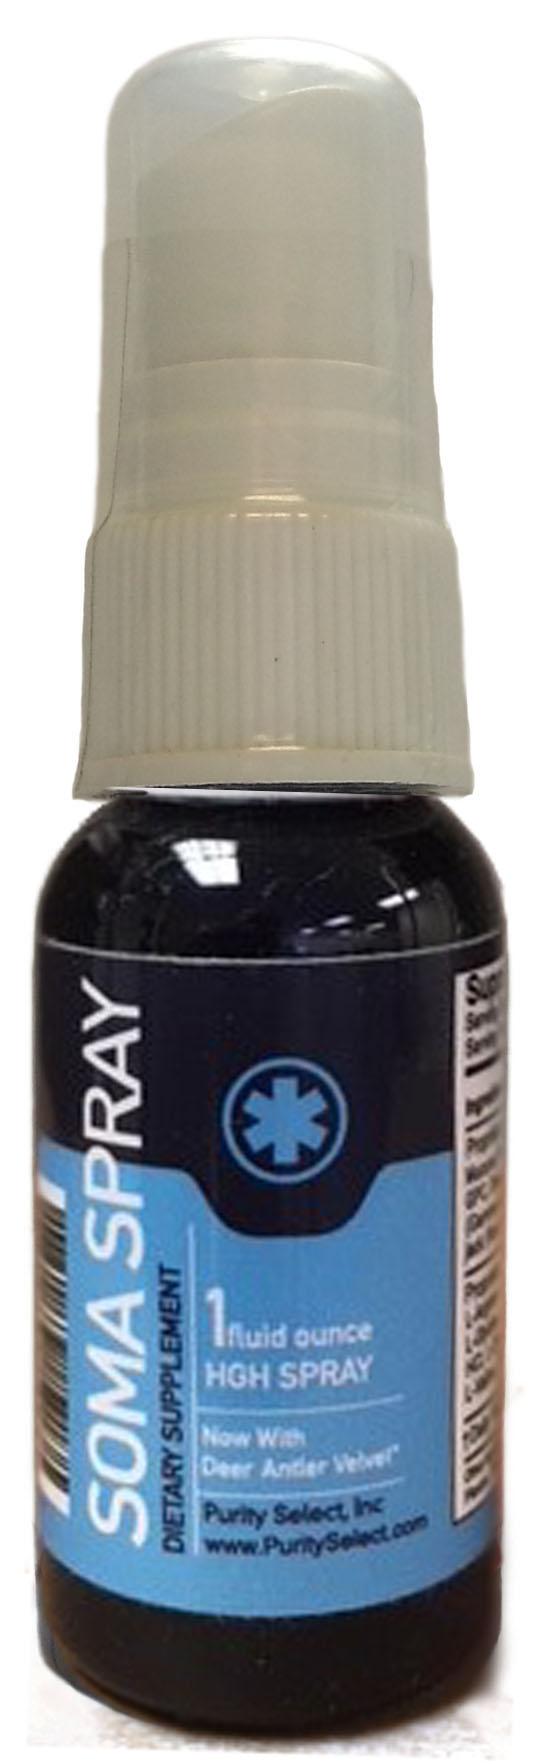 HGH 30000 Nanos Spray For Long Term Weight Loss | HGH.com